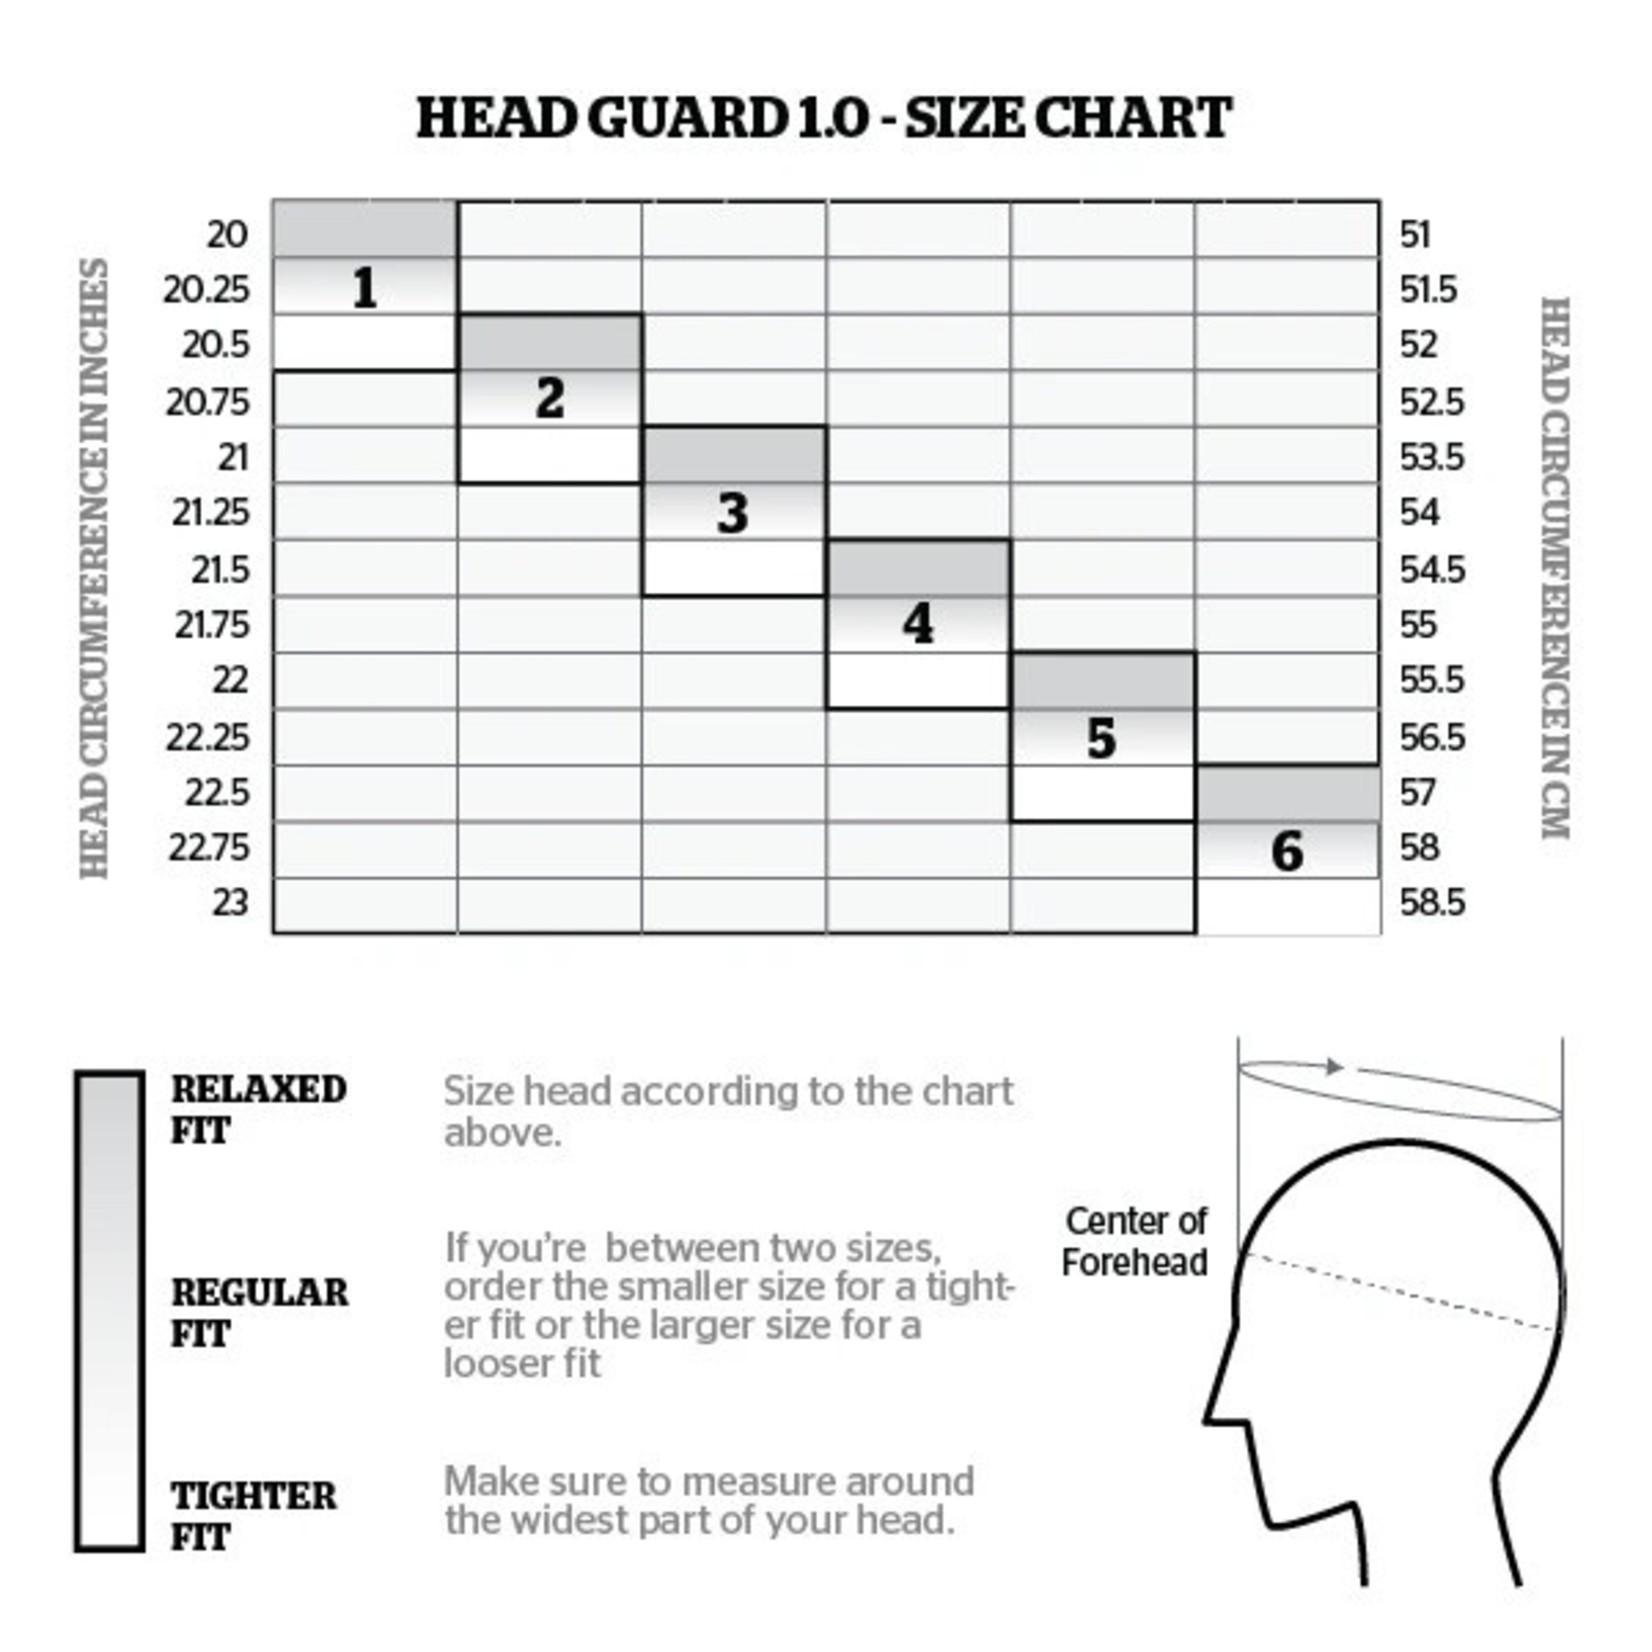 STORELLI EXOSHIELD HEAD GUARD